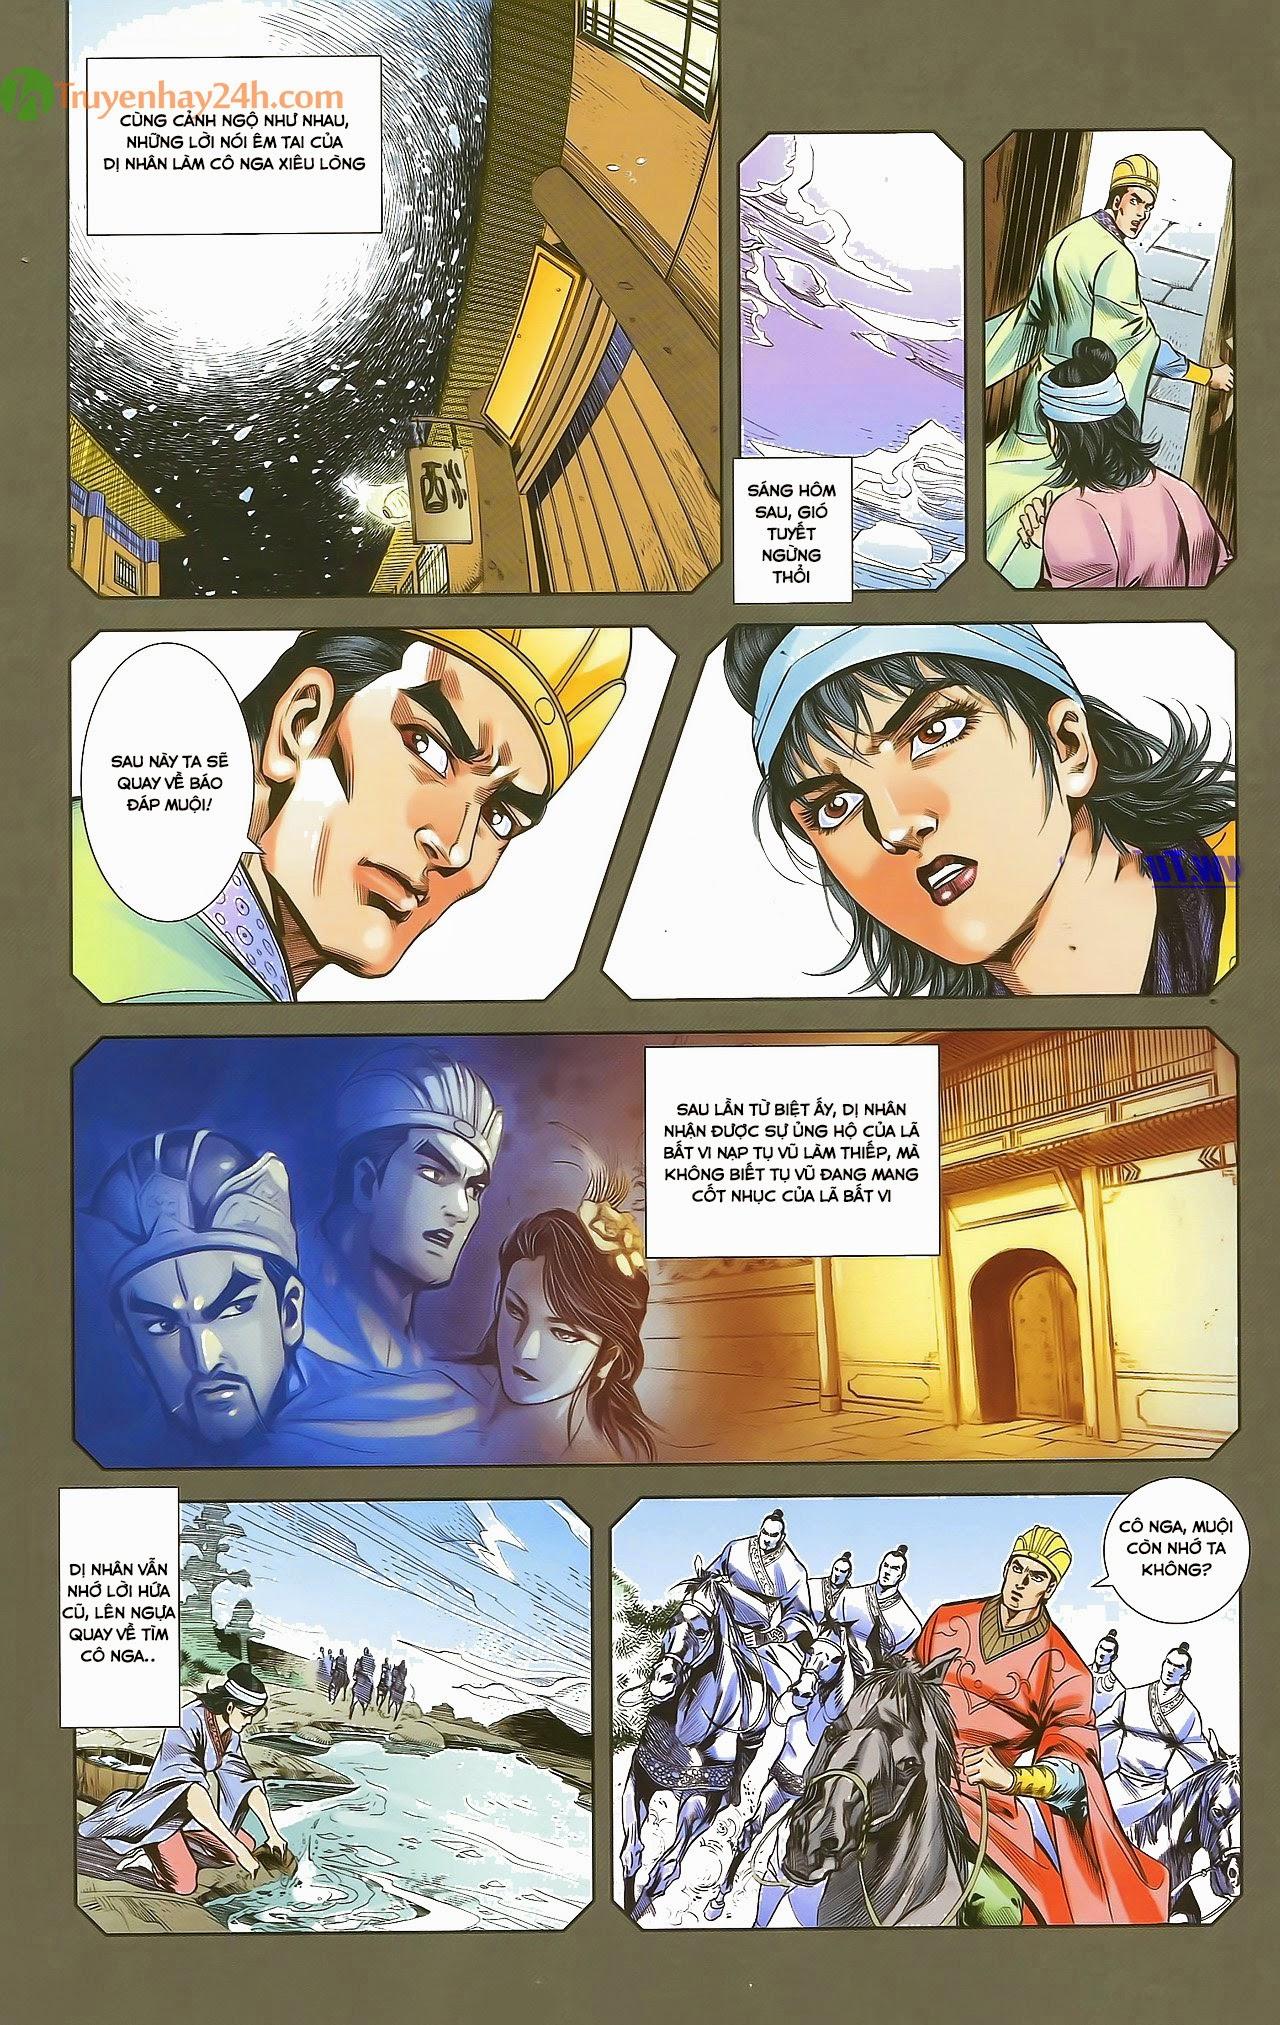 Tần Vương Doanh Chính chapter 29.1 trang 15